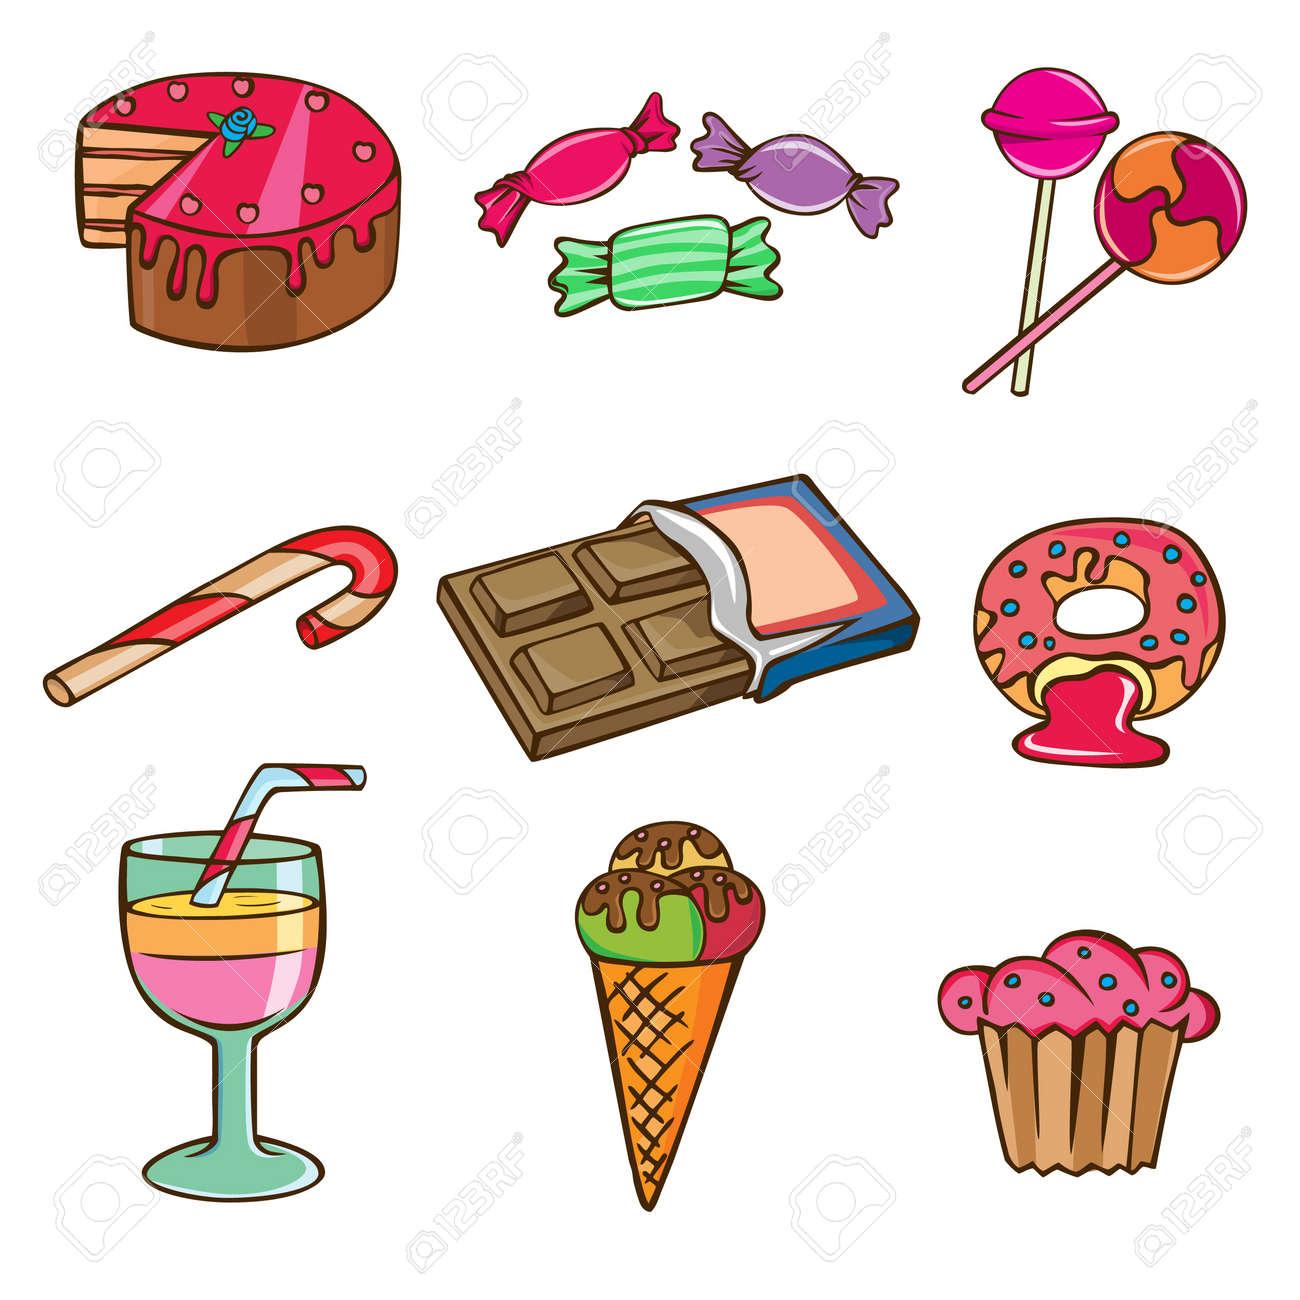 sweet icon set Stock Vector - 8717470